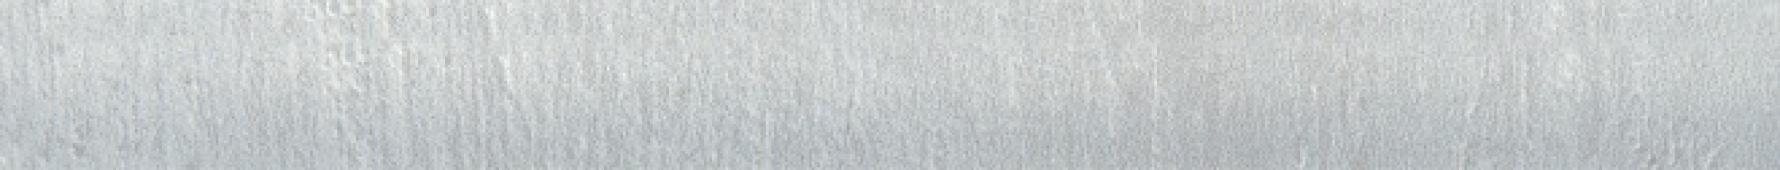 Карандаш Кантри шик серый 20*2